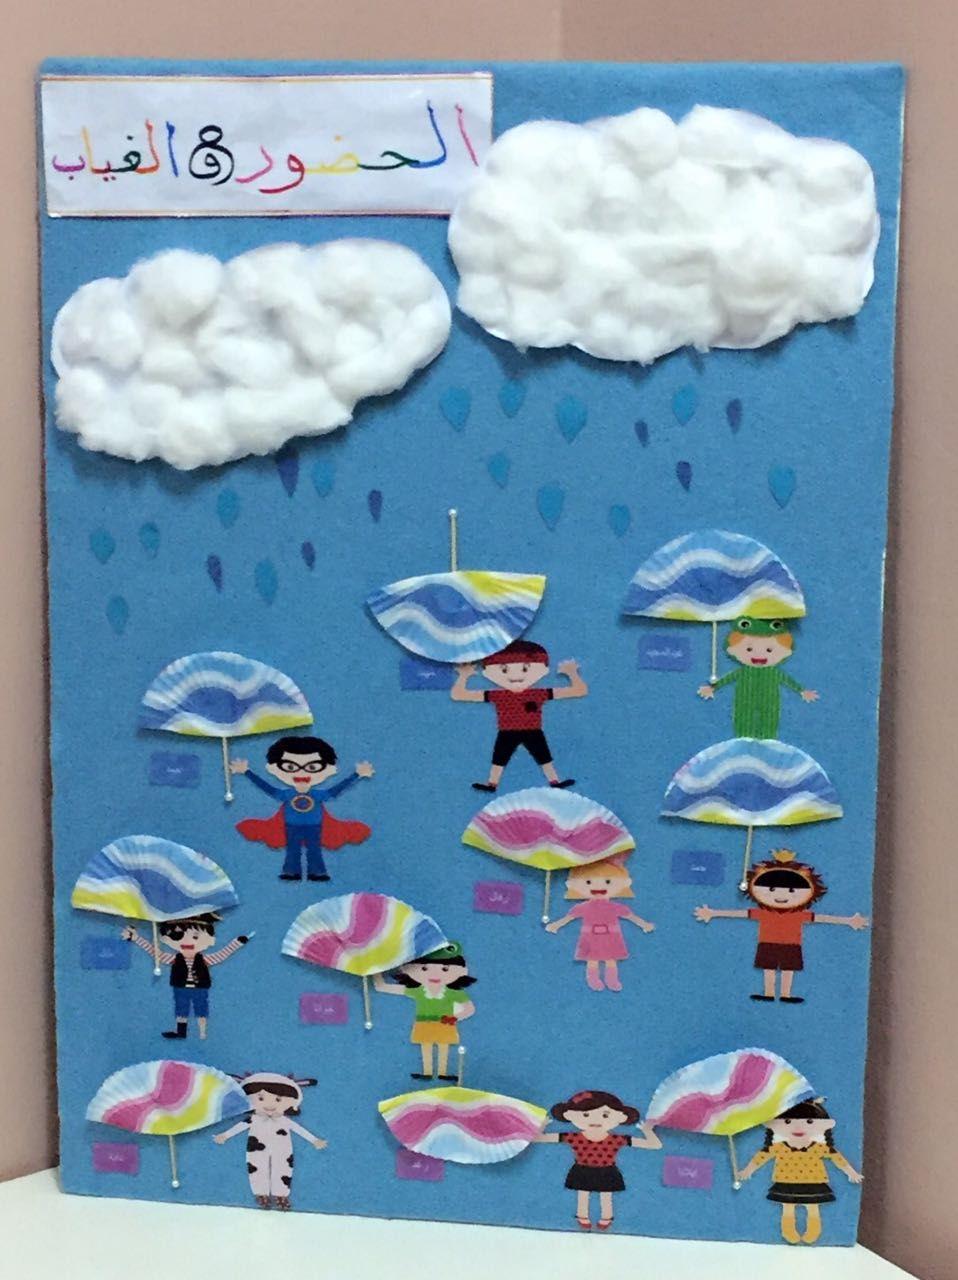 مادة وسائل تعليمية طريقة الوسيلة الأطفال الحاضرين تضع لهم المعلمة المظلة اما الغائبين لاتضع لهم انتقادات على اللوحة ١ الاب Kids Rugs Decor Home Decor